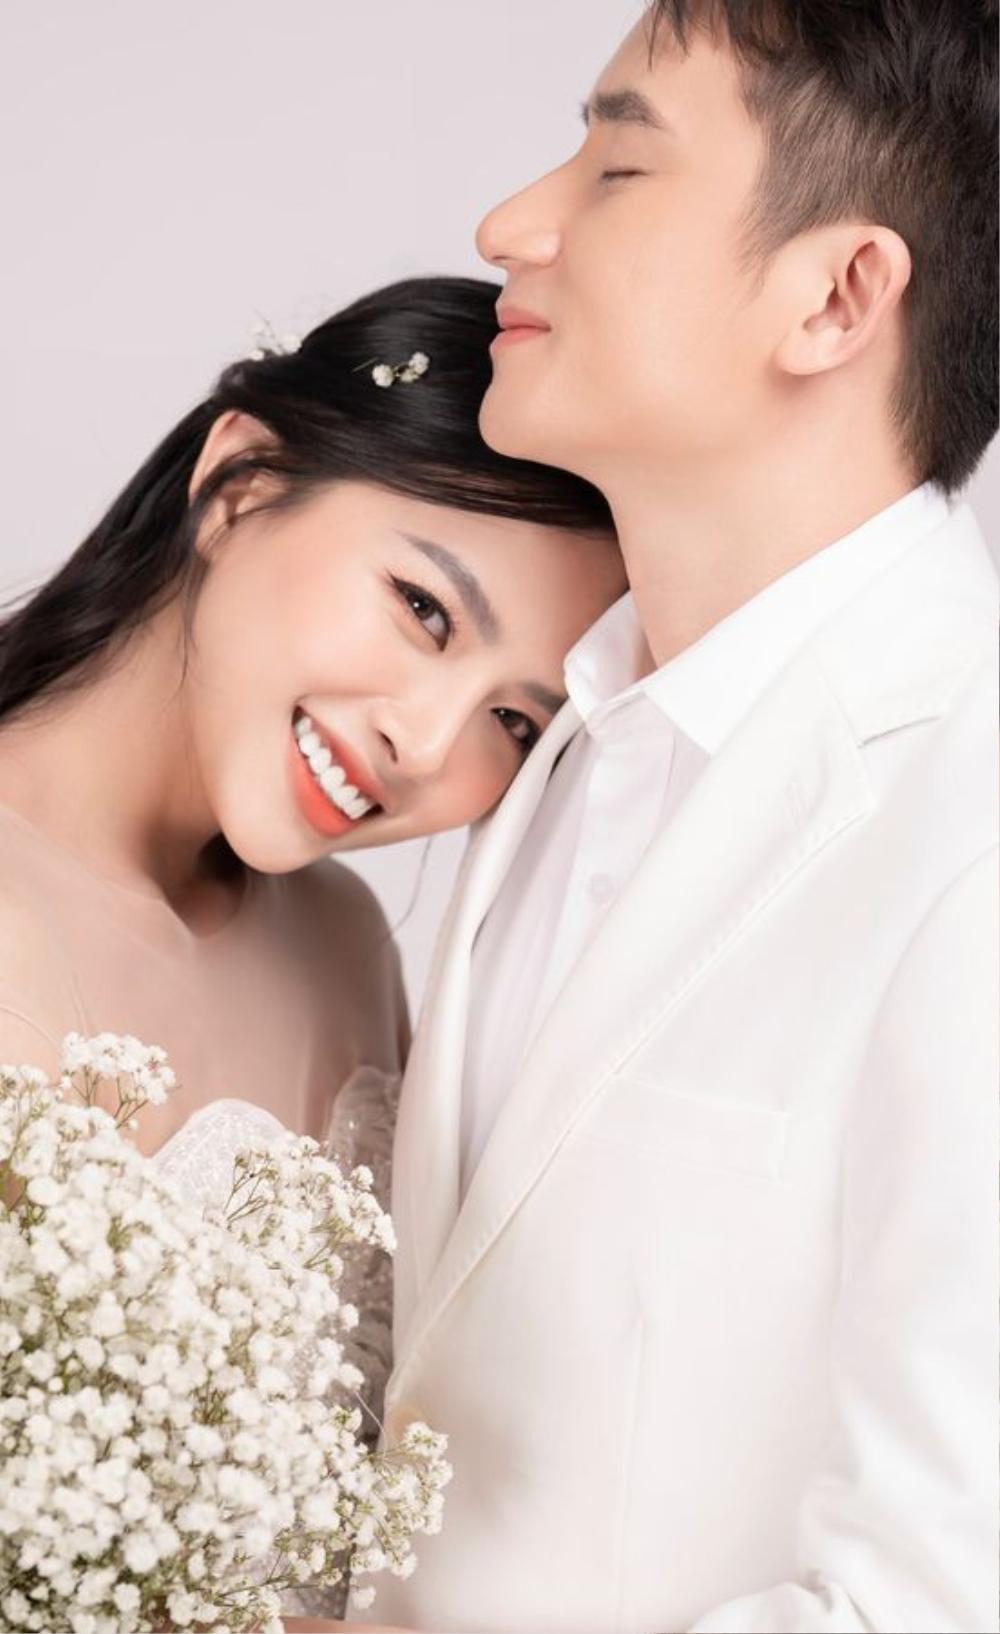 saostar s2j3gl6xxgwrl1gv Phan Mạnh Quỳnh hoãn đám cưới ở Sài Gòn vì dịch Covid 19